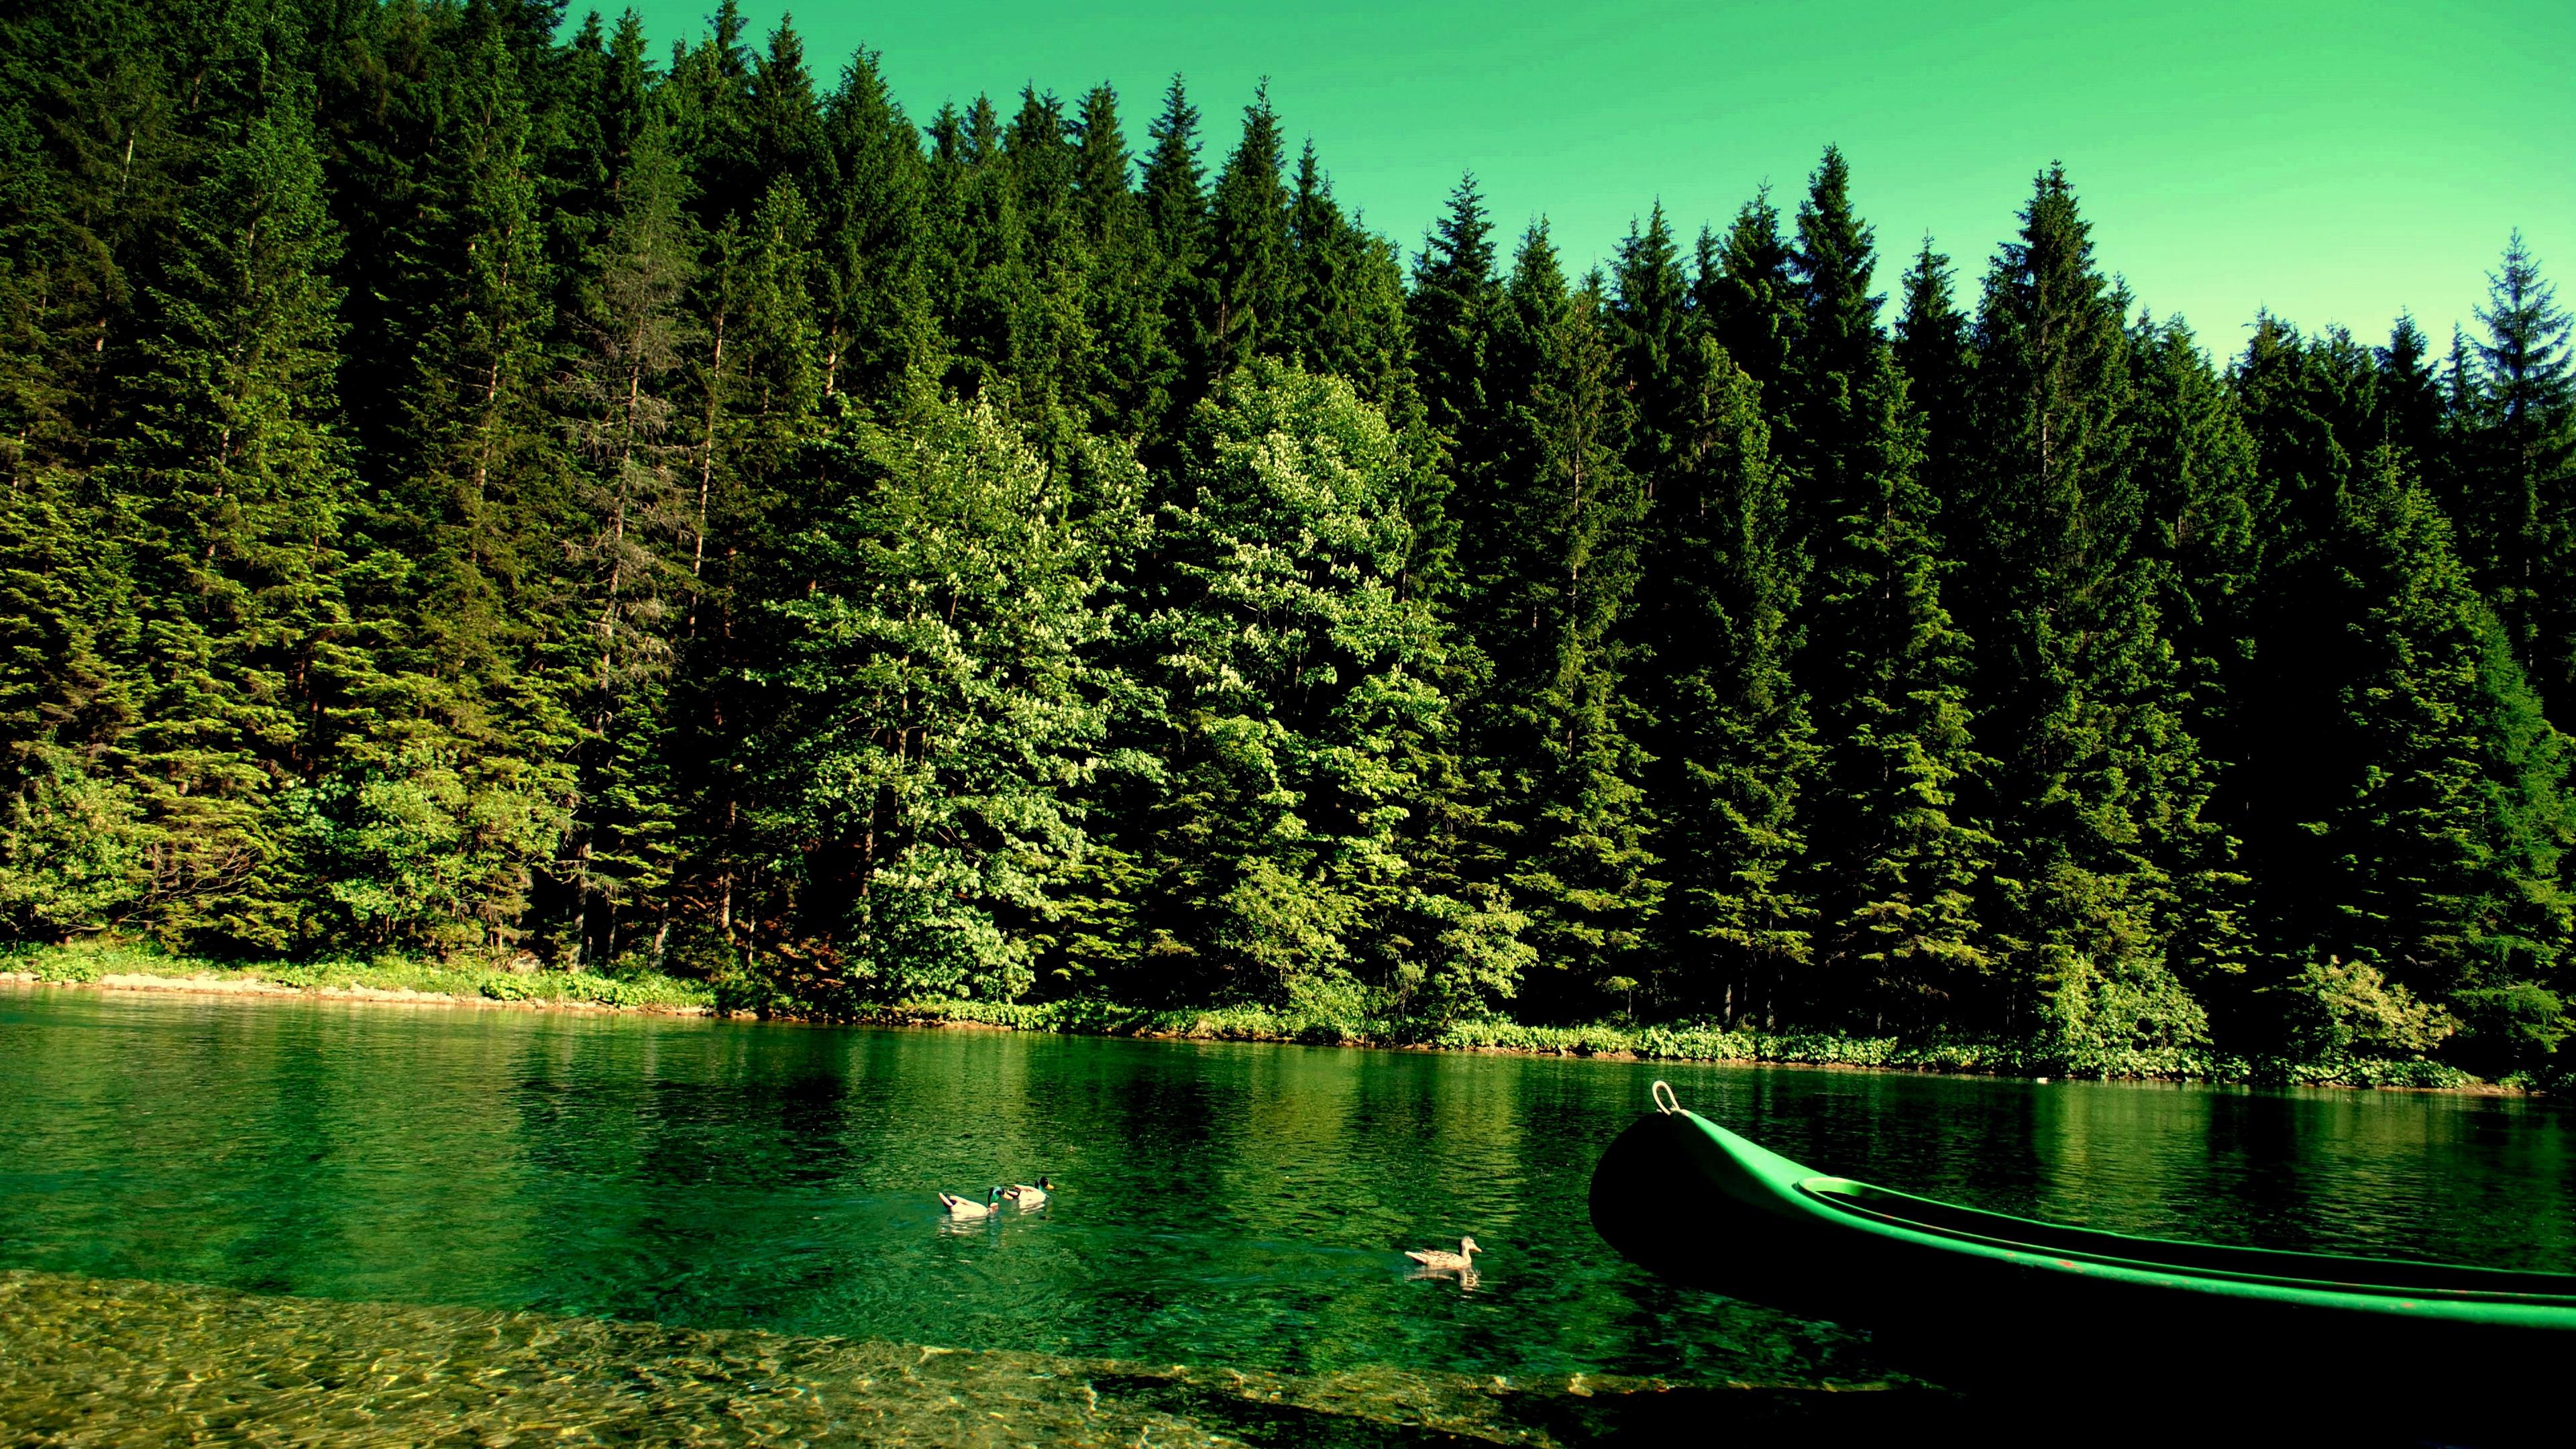 forest river boat nature 4k 1541117354 - forest, river, boat, nature 4k - River, Forest, Boat